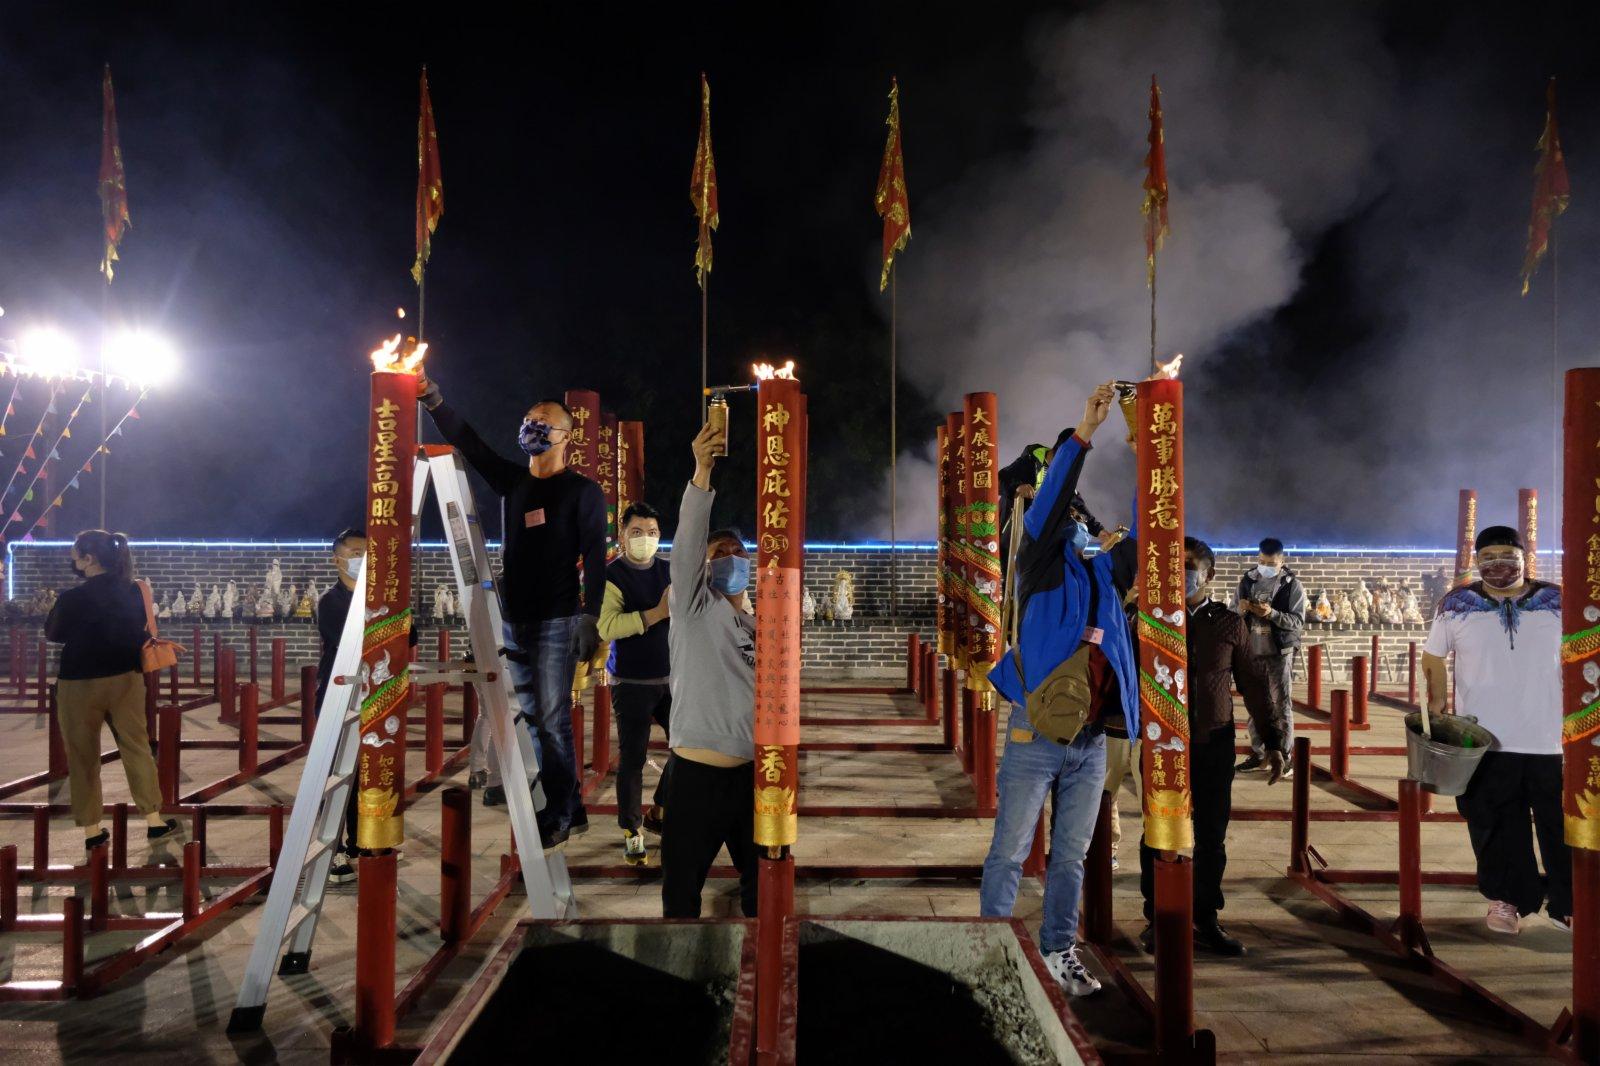 每逢春節,位於香港元朗錦田的八鄉古廟都會有很多善信前來上頭炷香,寓意新一年有一個好的開頭。其中會放鞭炮,上香拜神等,極富傳統春節氣氛。(點新聞記者麥俊傑攝)